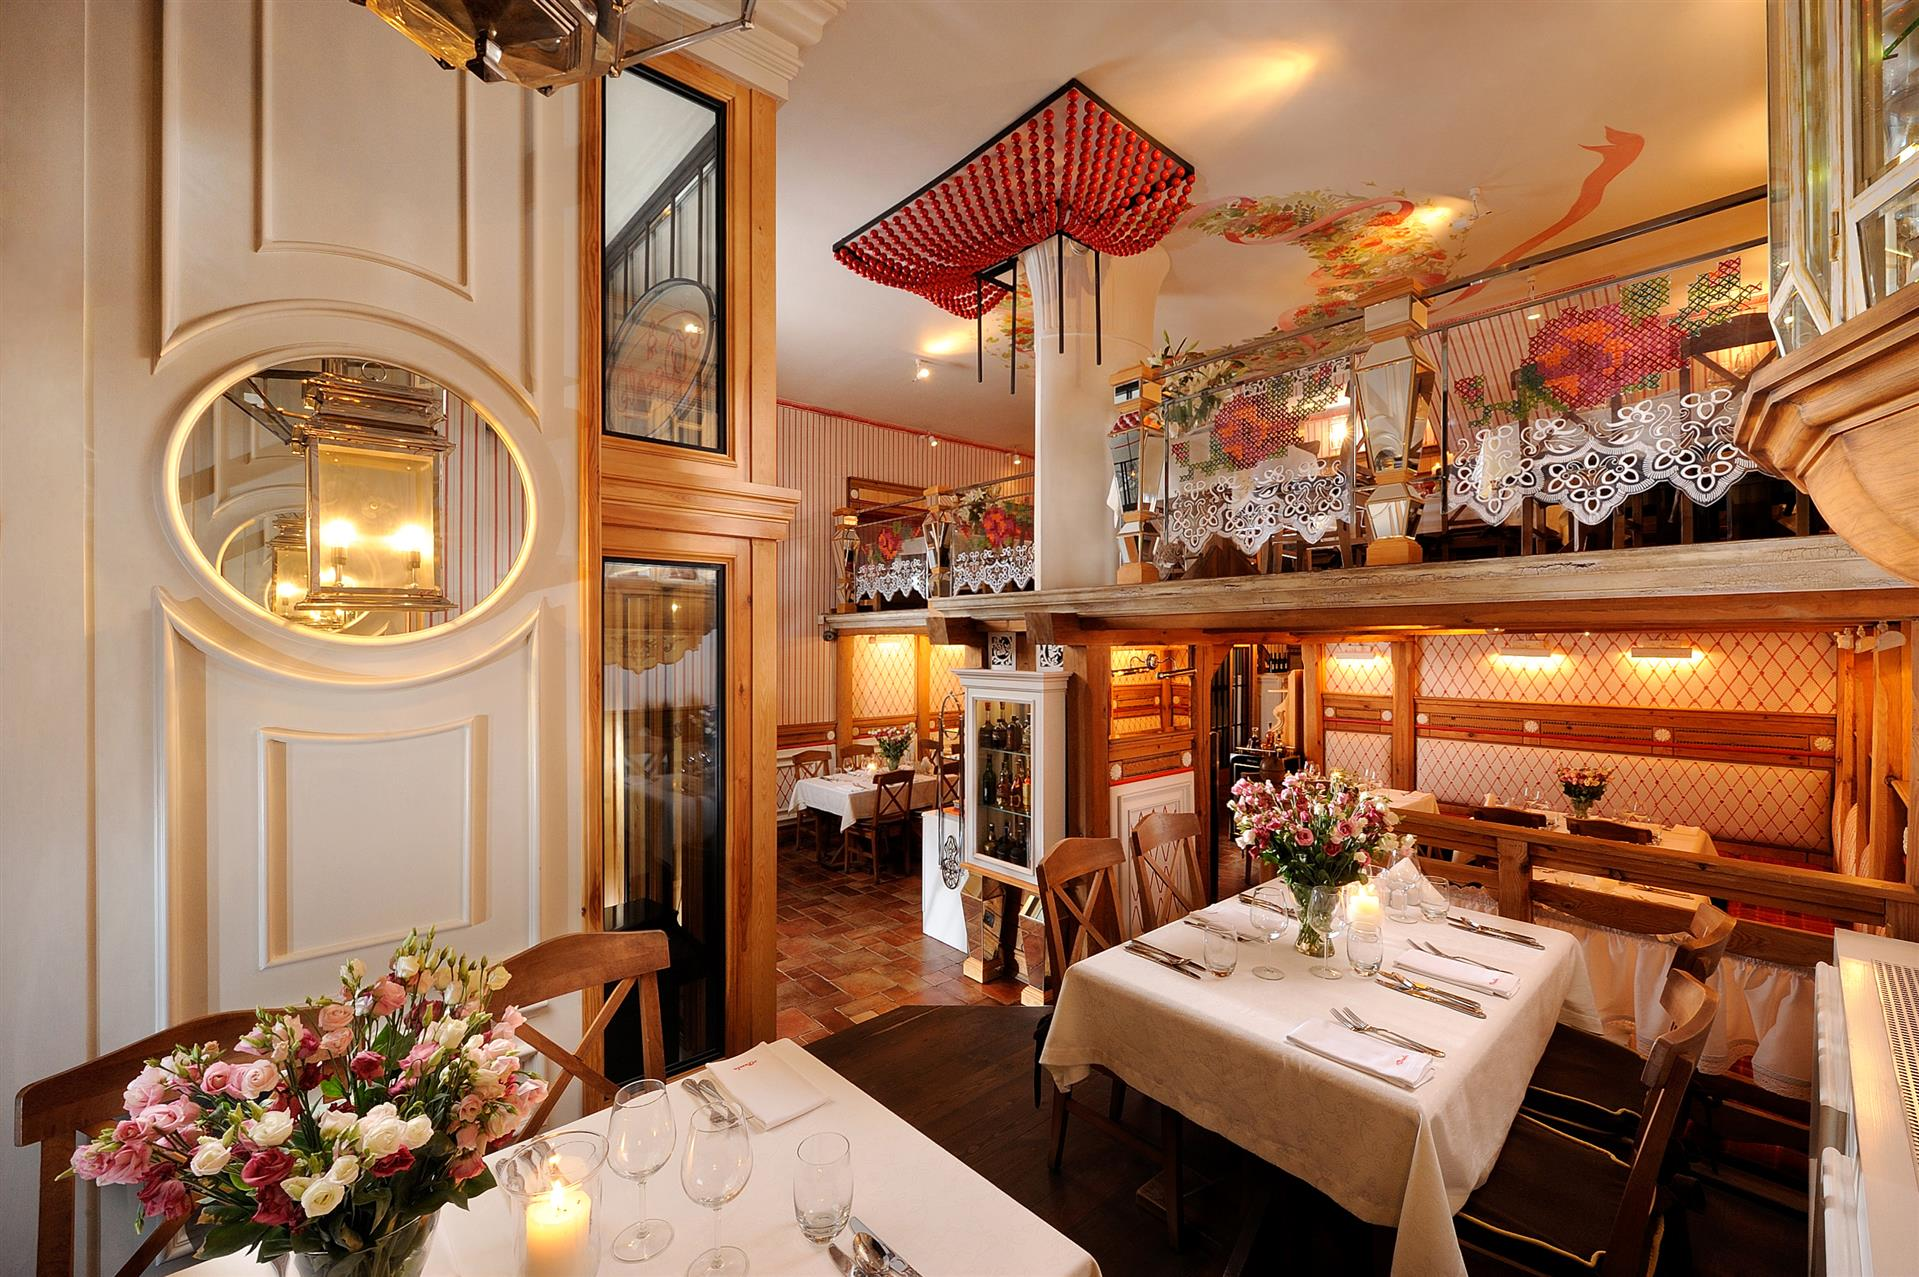 Wesele Restauracja Szlak Orlich Gniazd